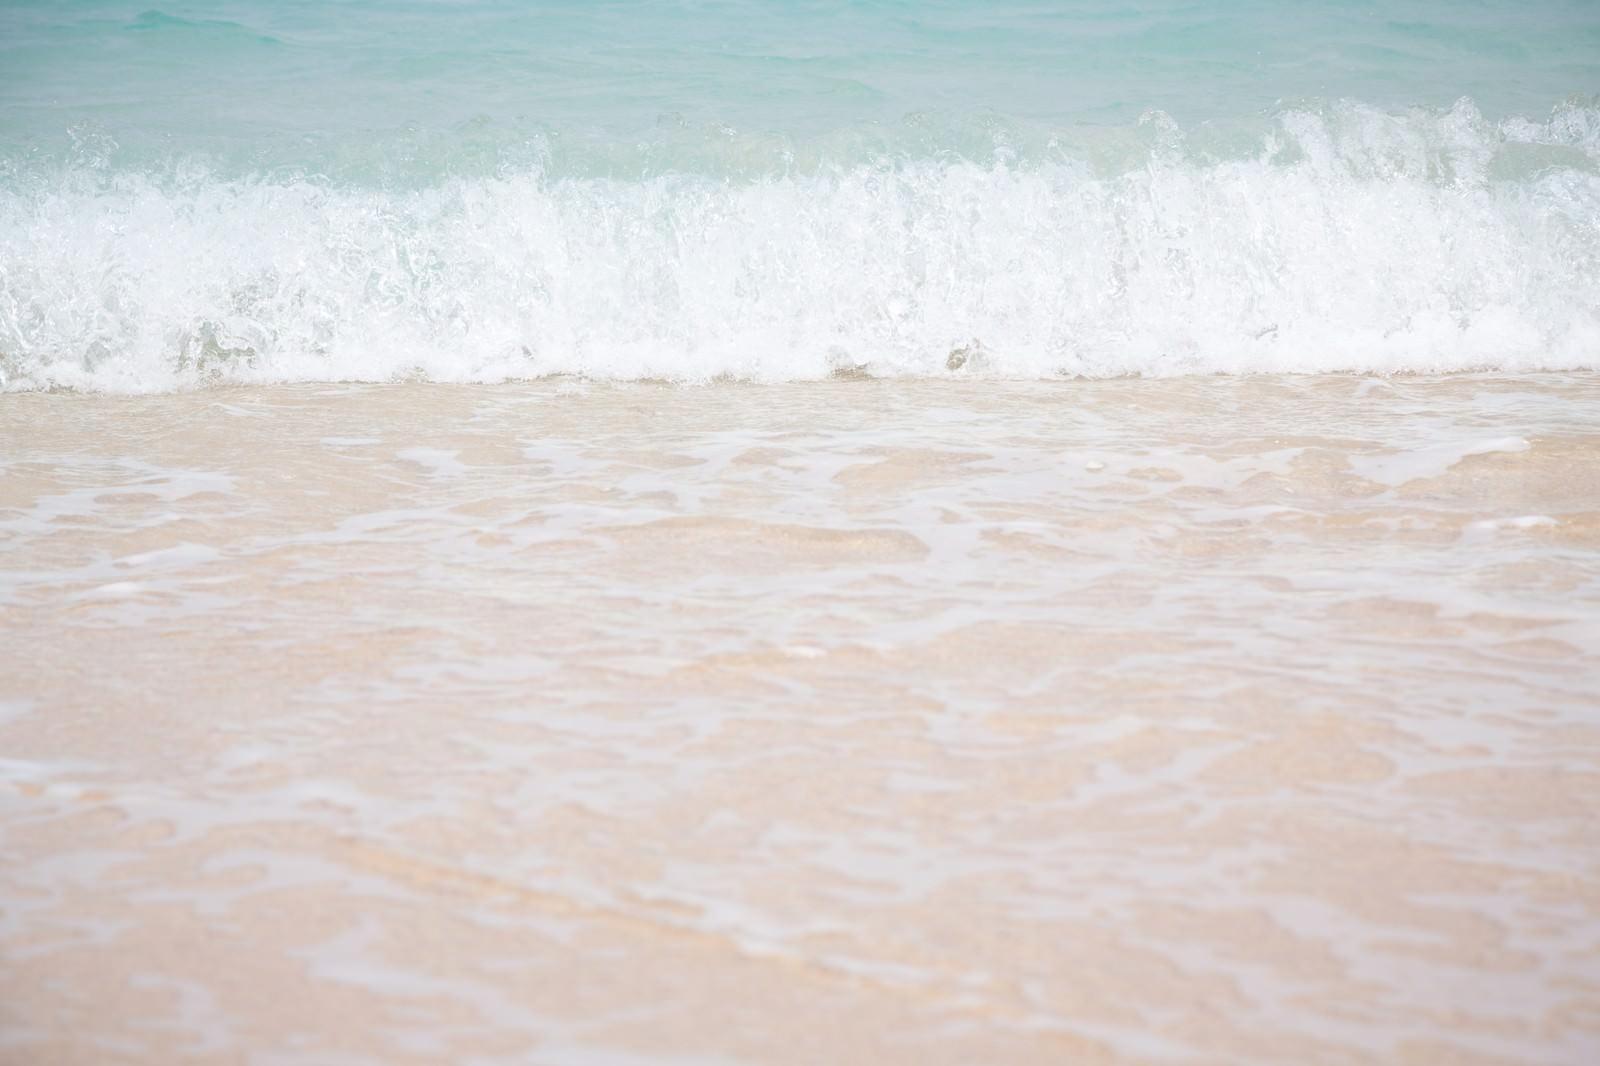 「波が打ち寄せる」の写真